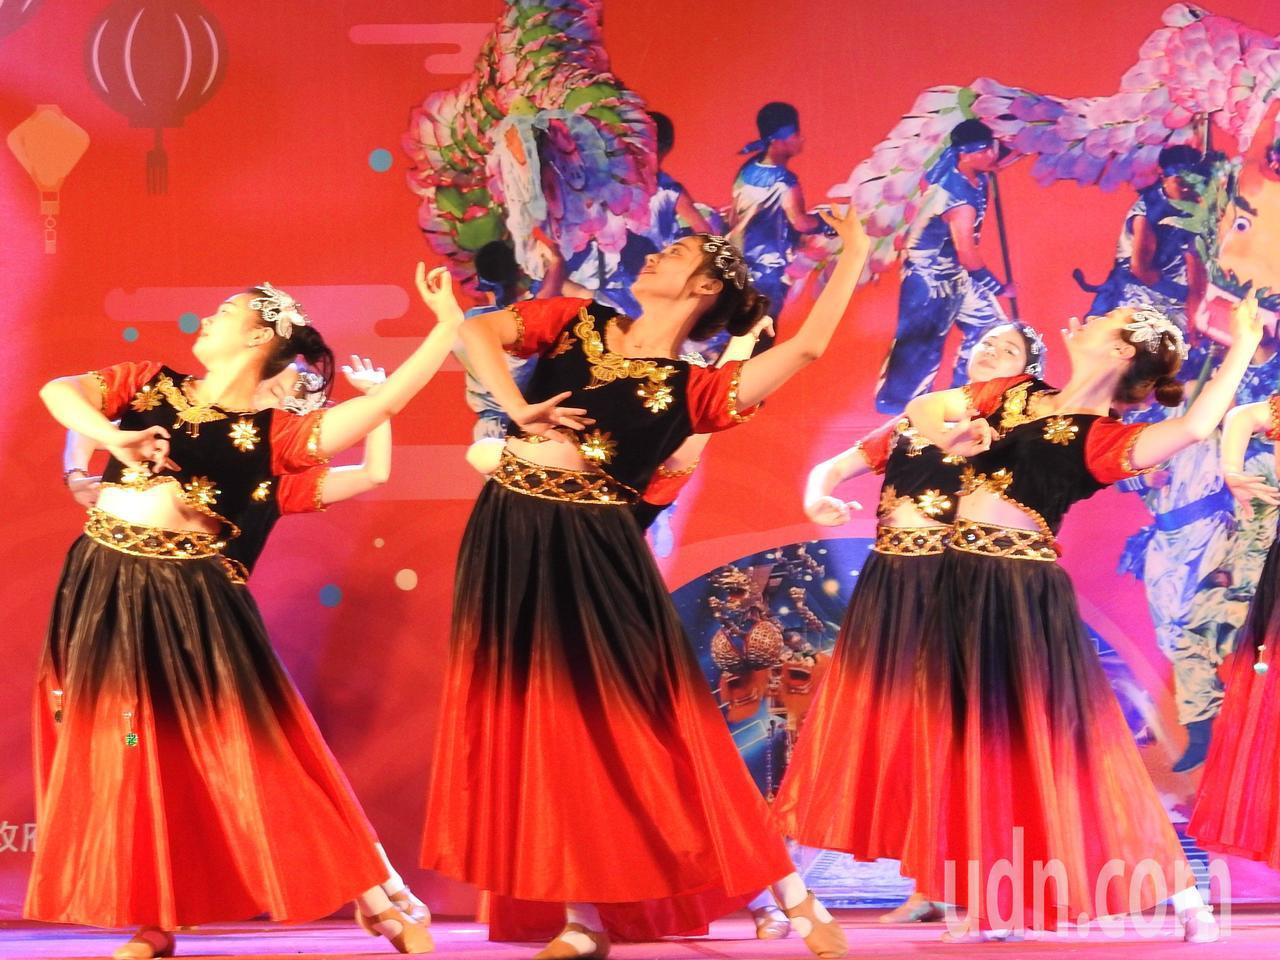 詩畫浙江燈彩藝術表演涵蓋多元,除百葉龍、九獅圖,還有「維族舞」花兒為什麼怎麼紅等...